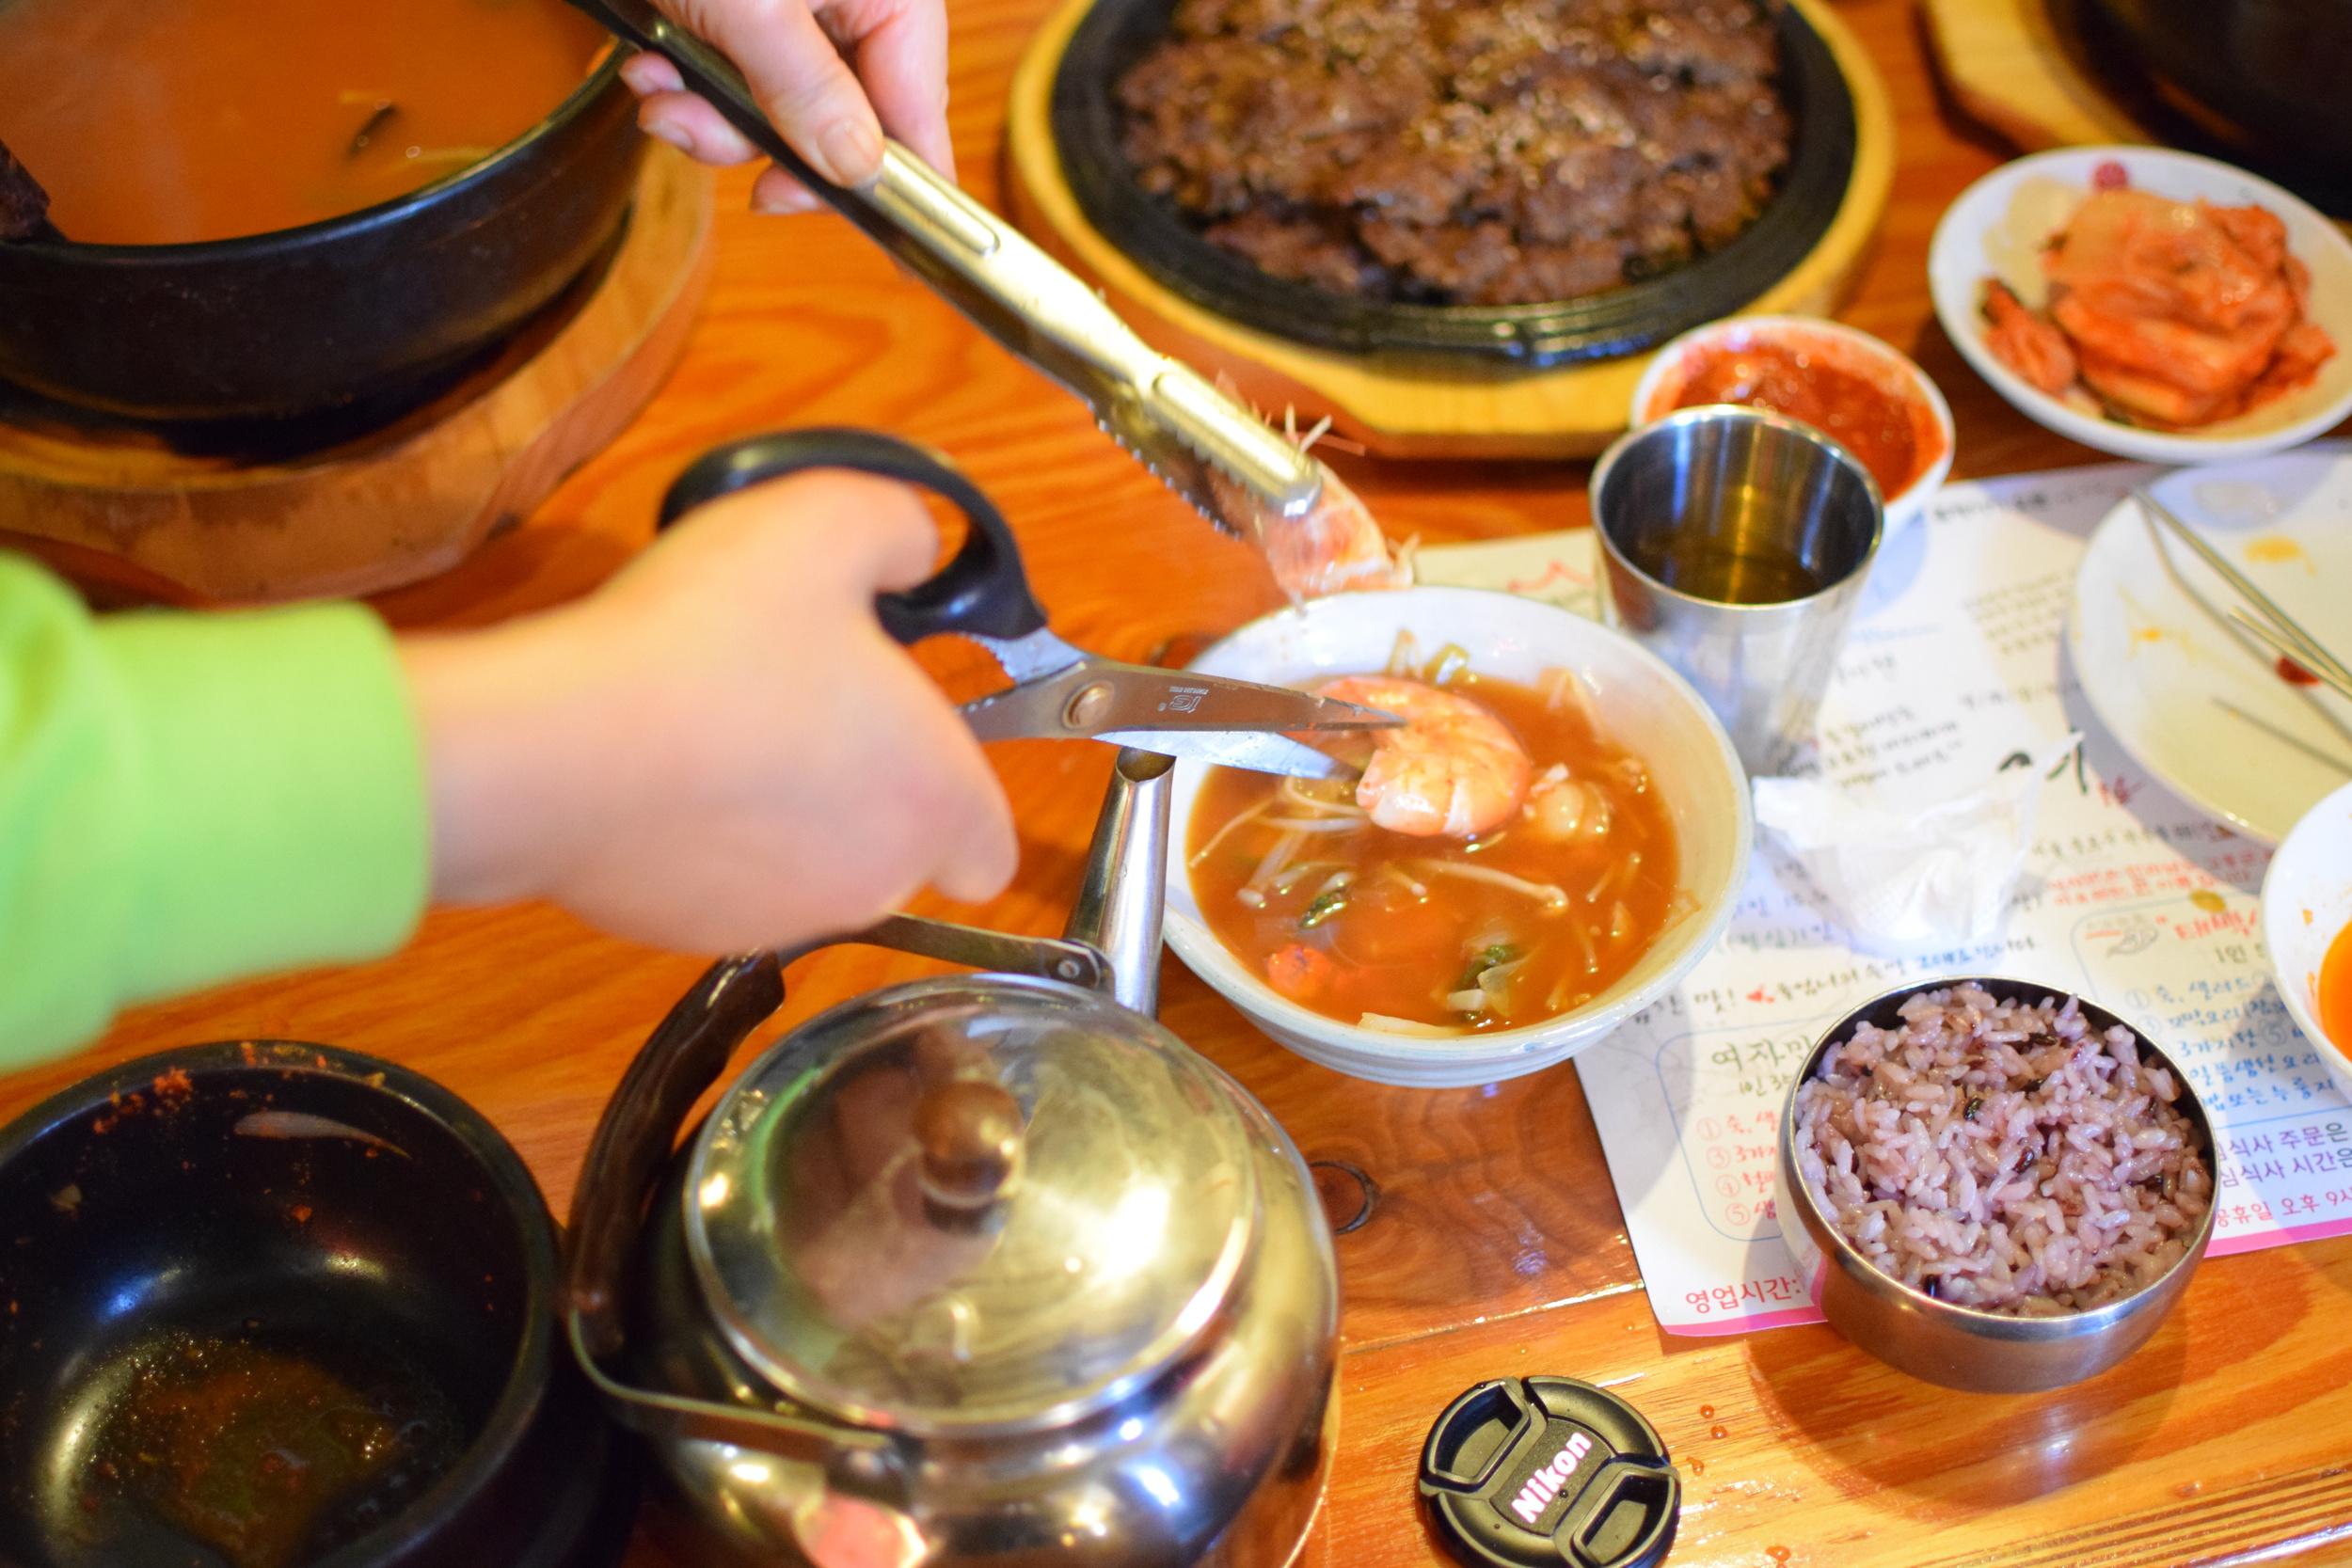 prostě vám natříhají oběd, častá to záležitost. Nůžky jsou v kuchyniběžnější snad více, než nože.